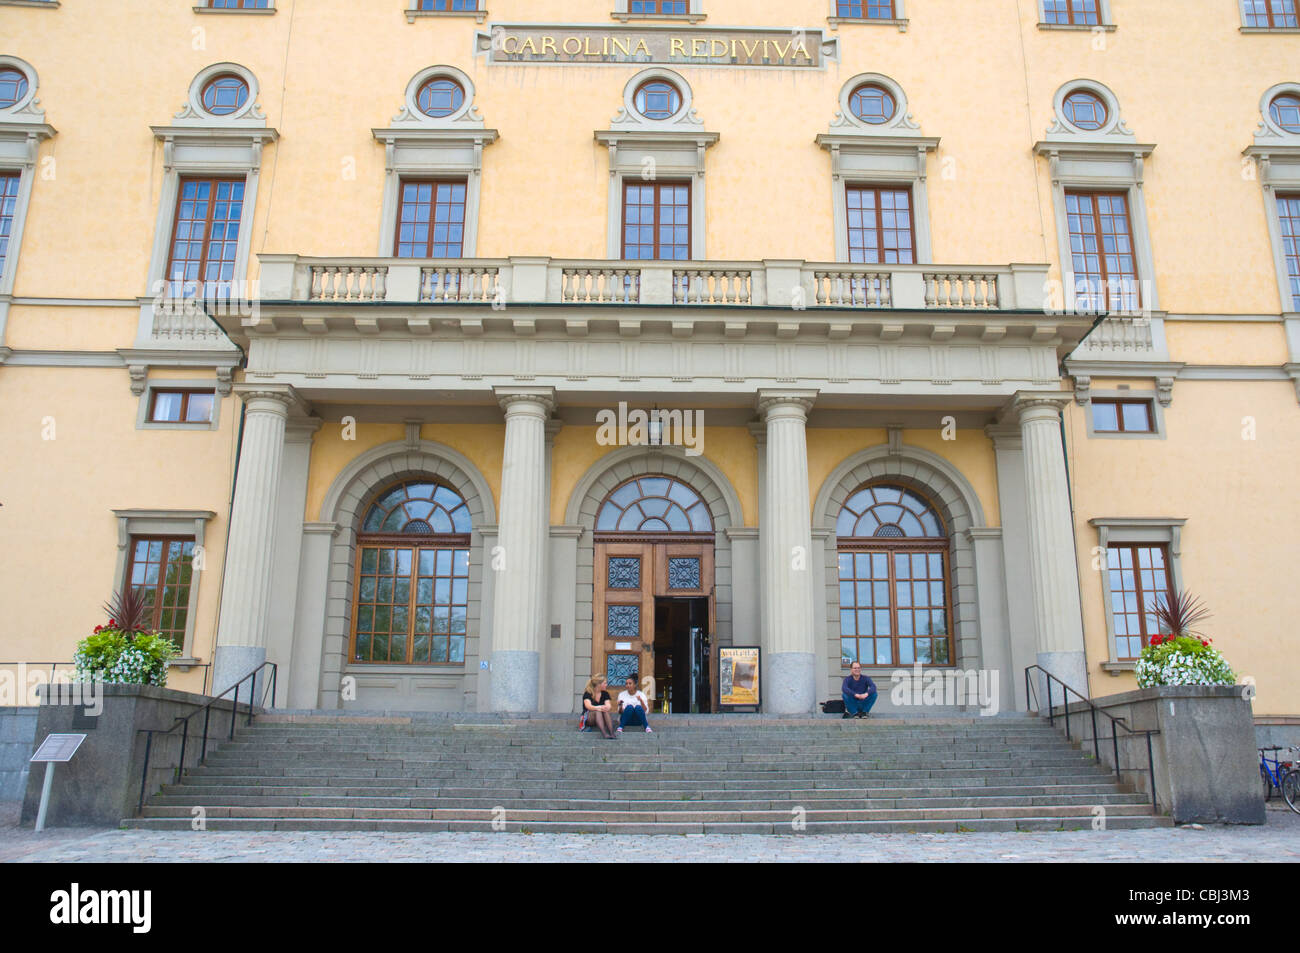 Carolina Rediviva (1841) der Universität Bibliothek außen Uppsala Stadt Svealand Provinz Schweden Europa Stockfoto